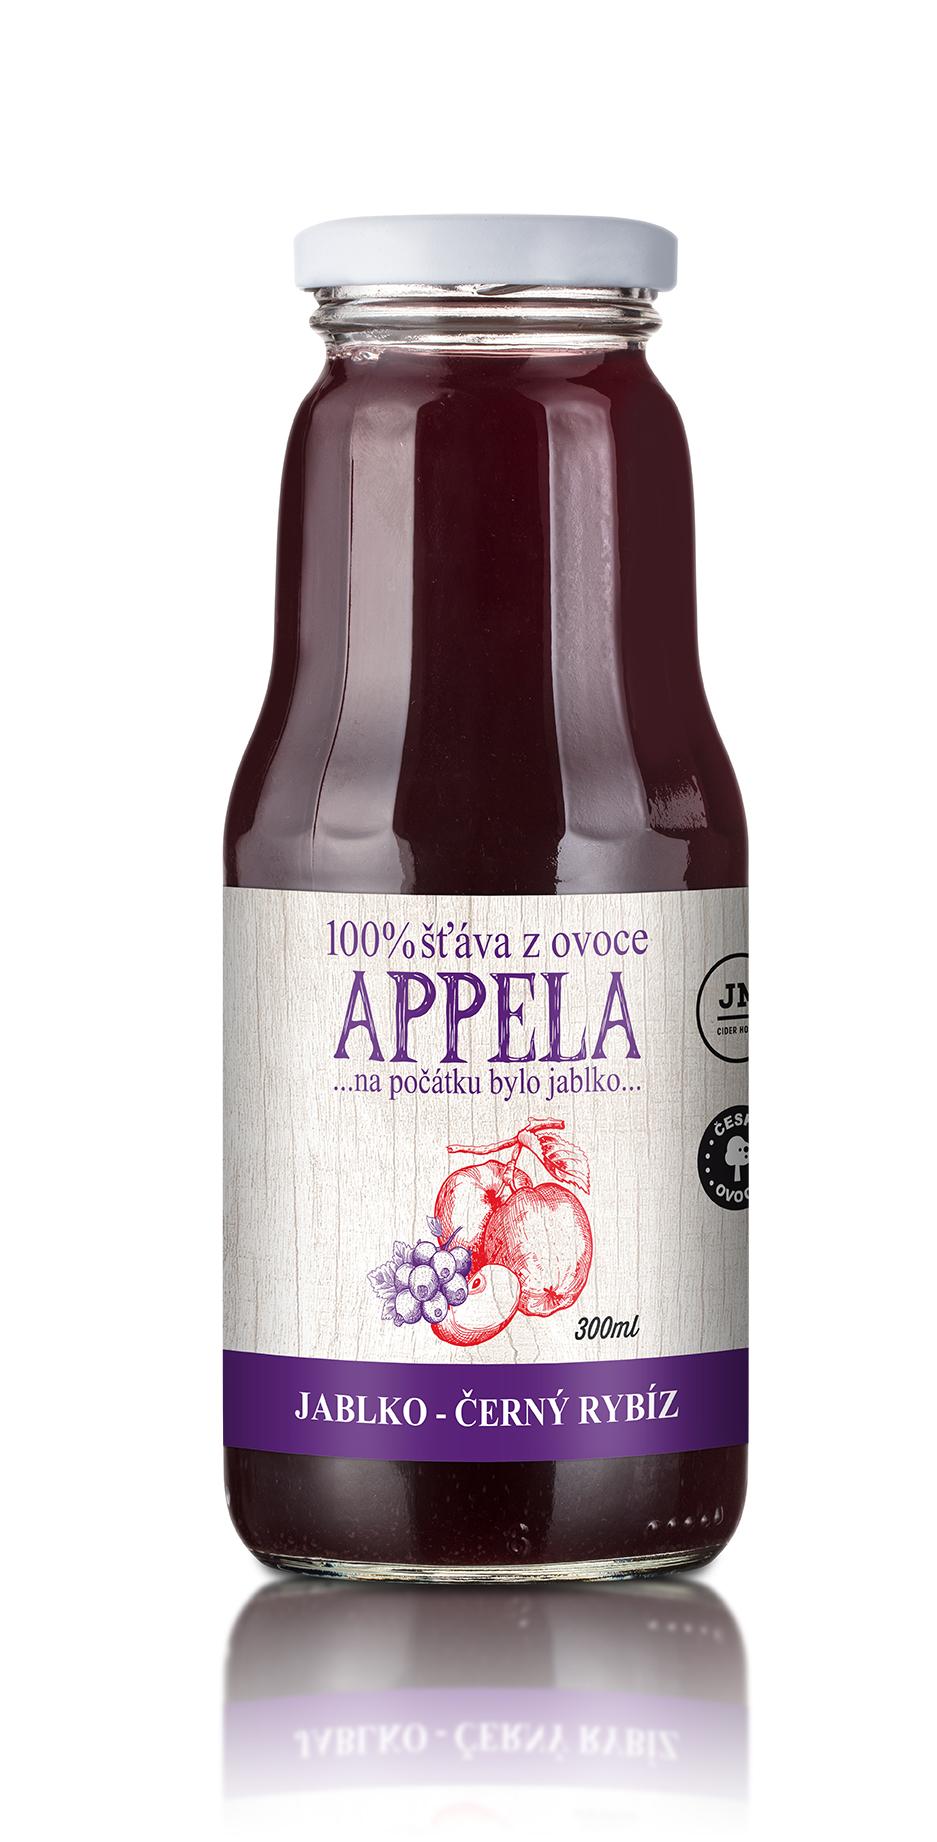 Appela jablko - černý rybíz 0,3l